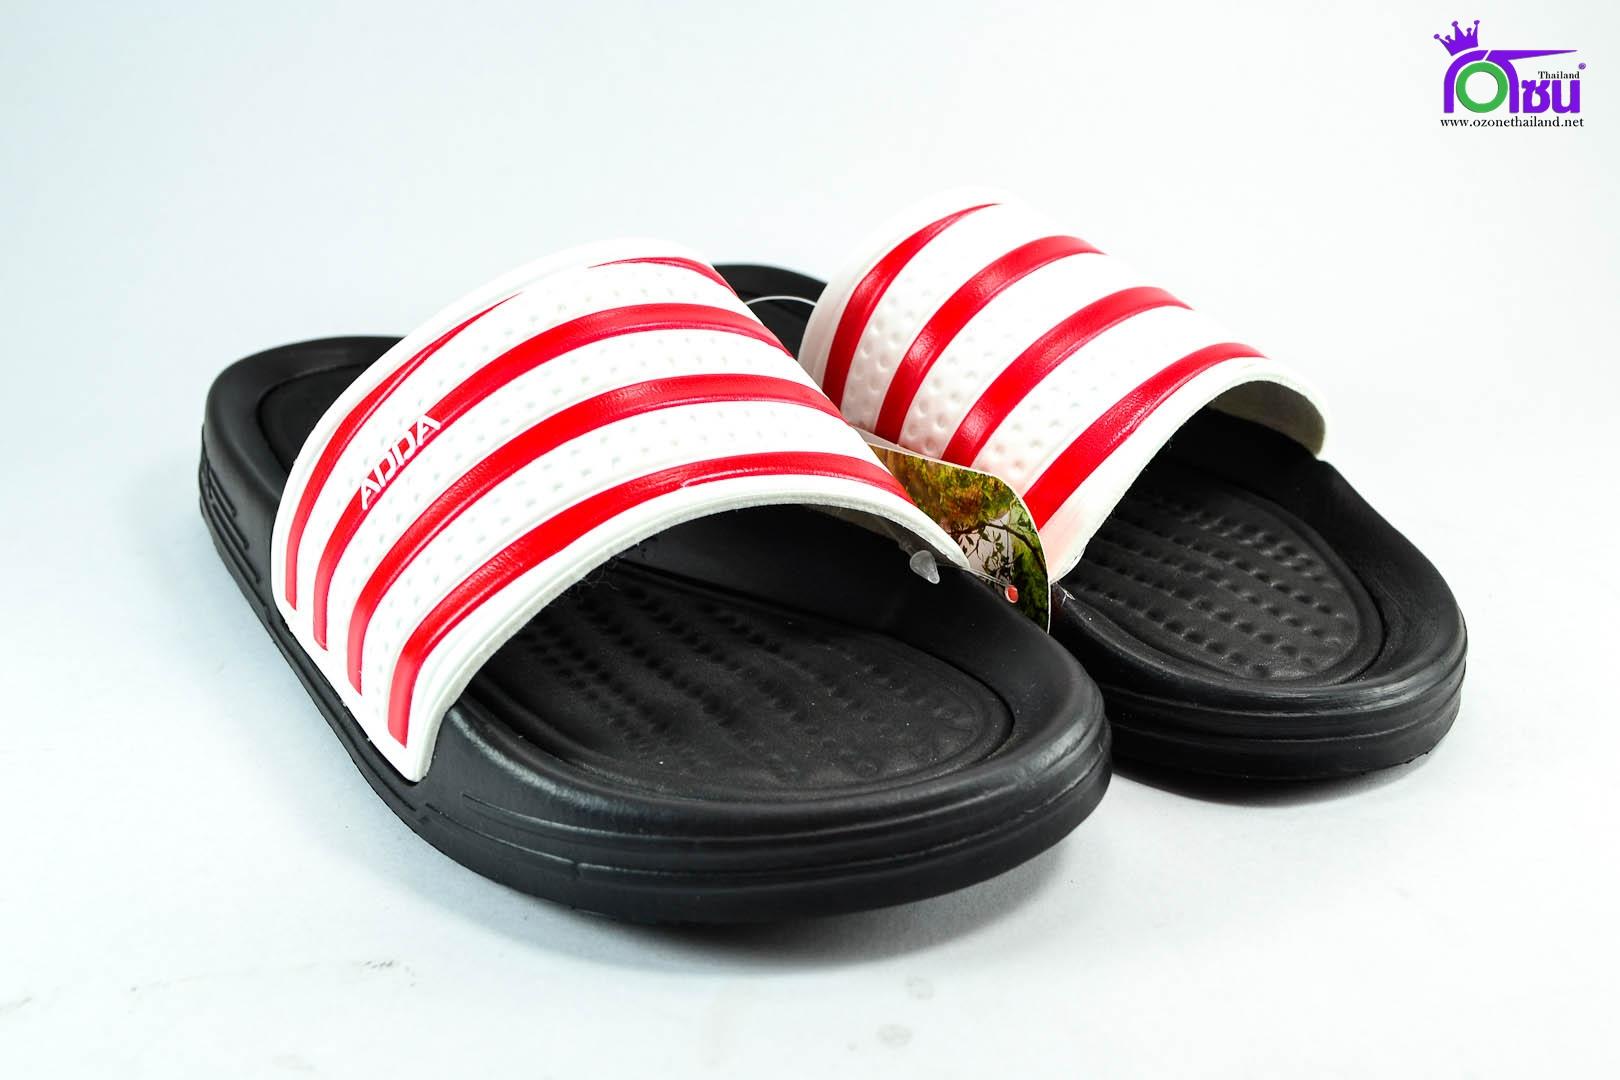 รองเท้า ADDA 3T15 ดำ-แดง สำเนา